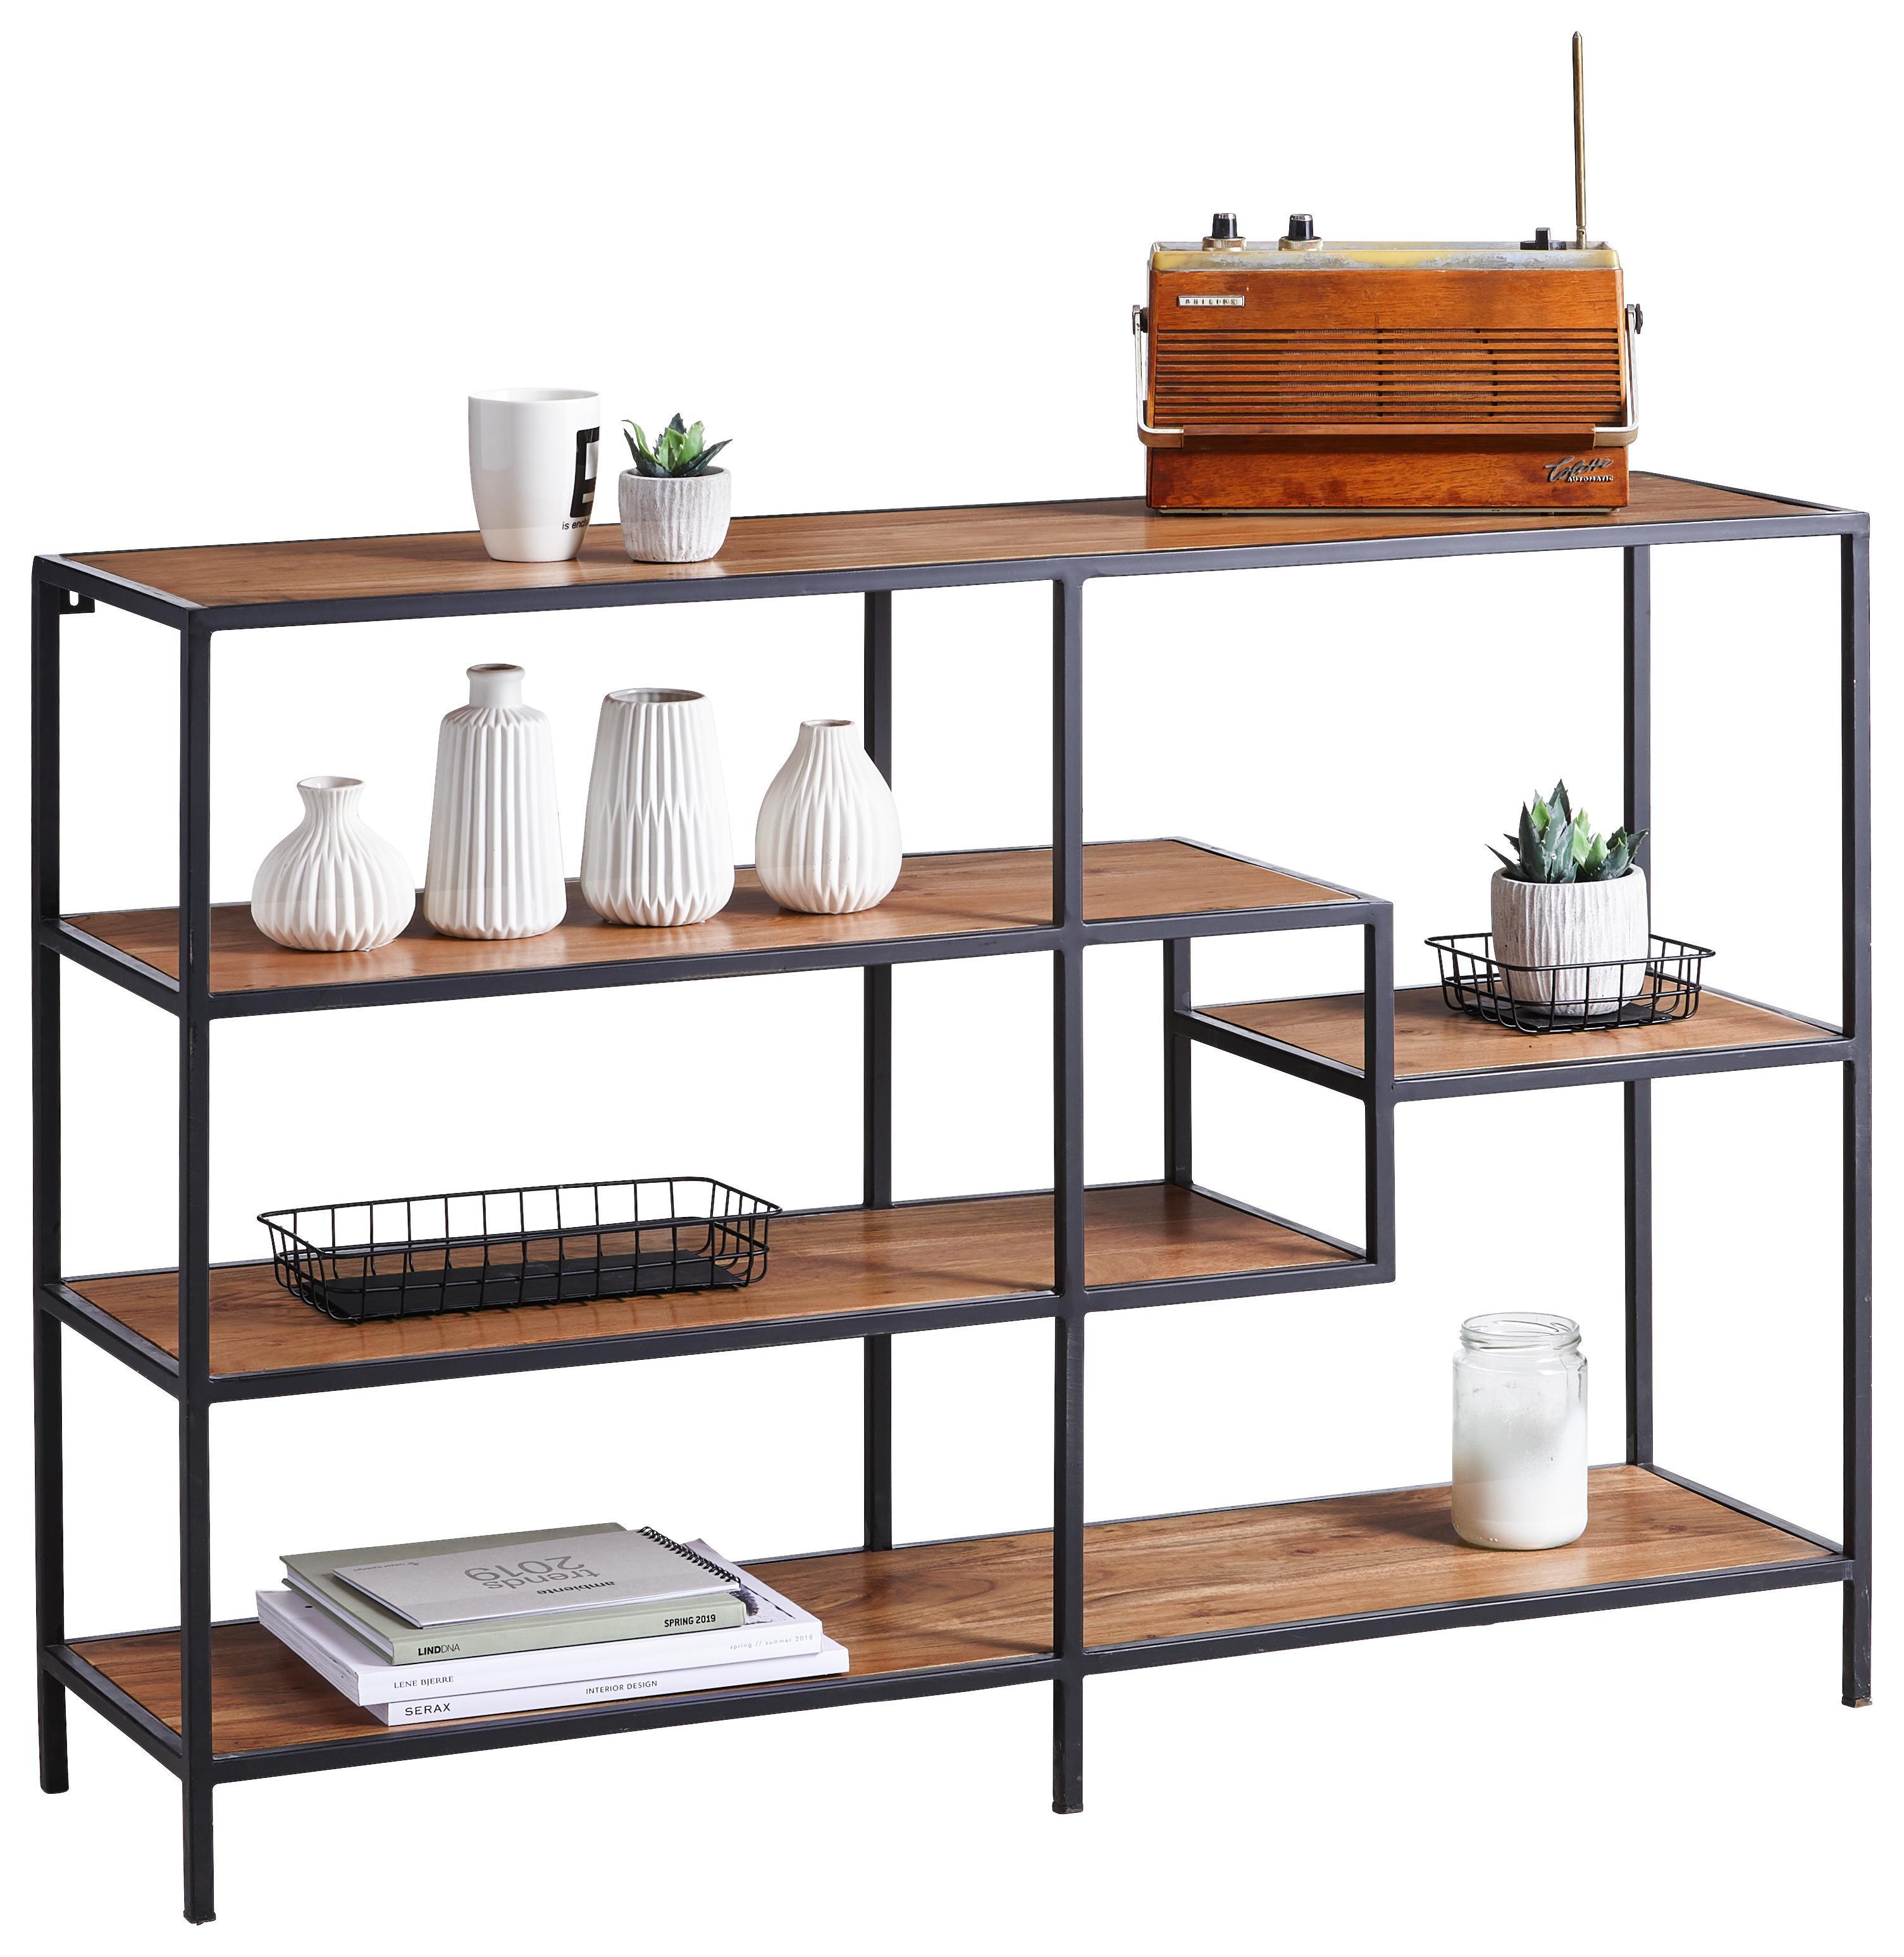 2 Holz Ablagen Design Wandregal 40x35 Cm Metall Hangeregal Gitter